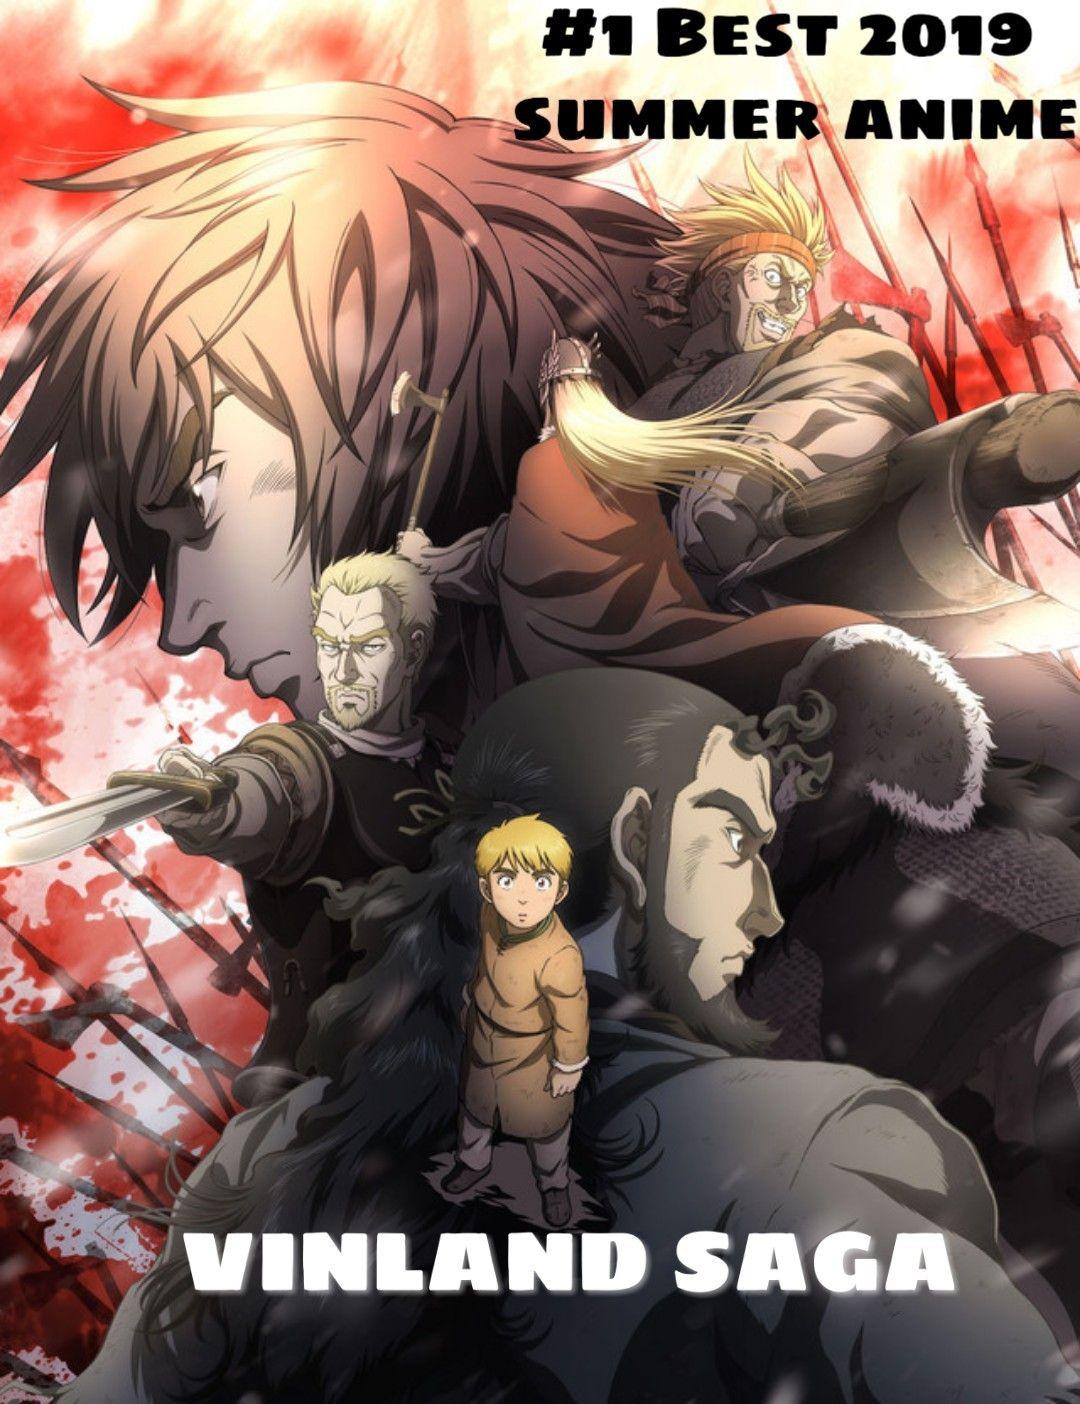 Vinlandsaga anime, Vinlandsaga Thorfinn, 1 best 2019